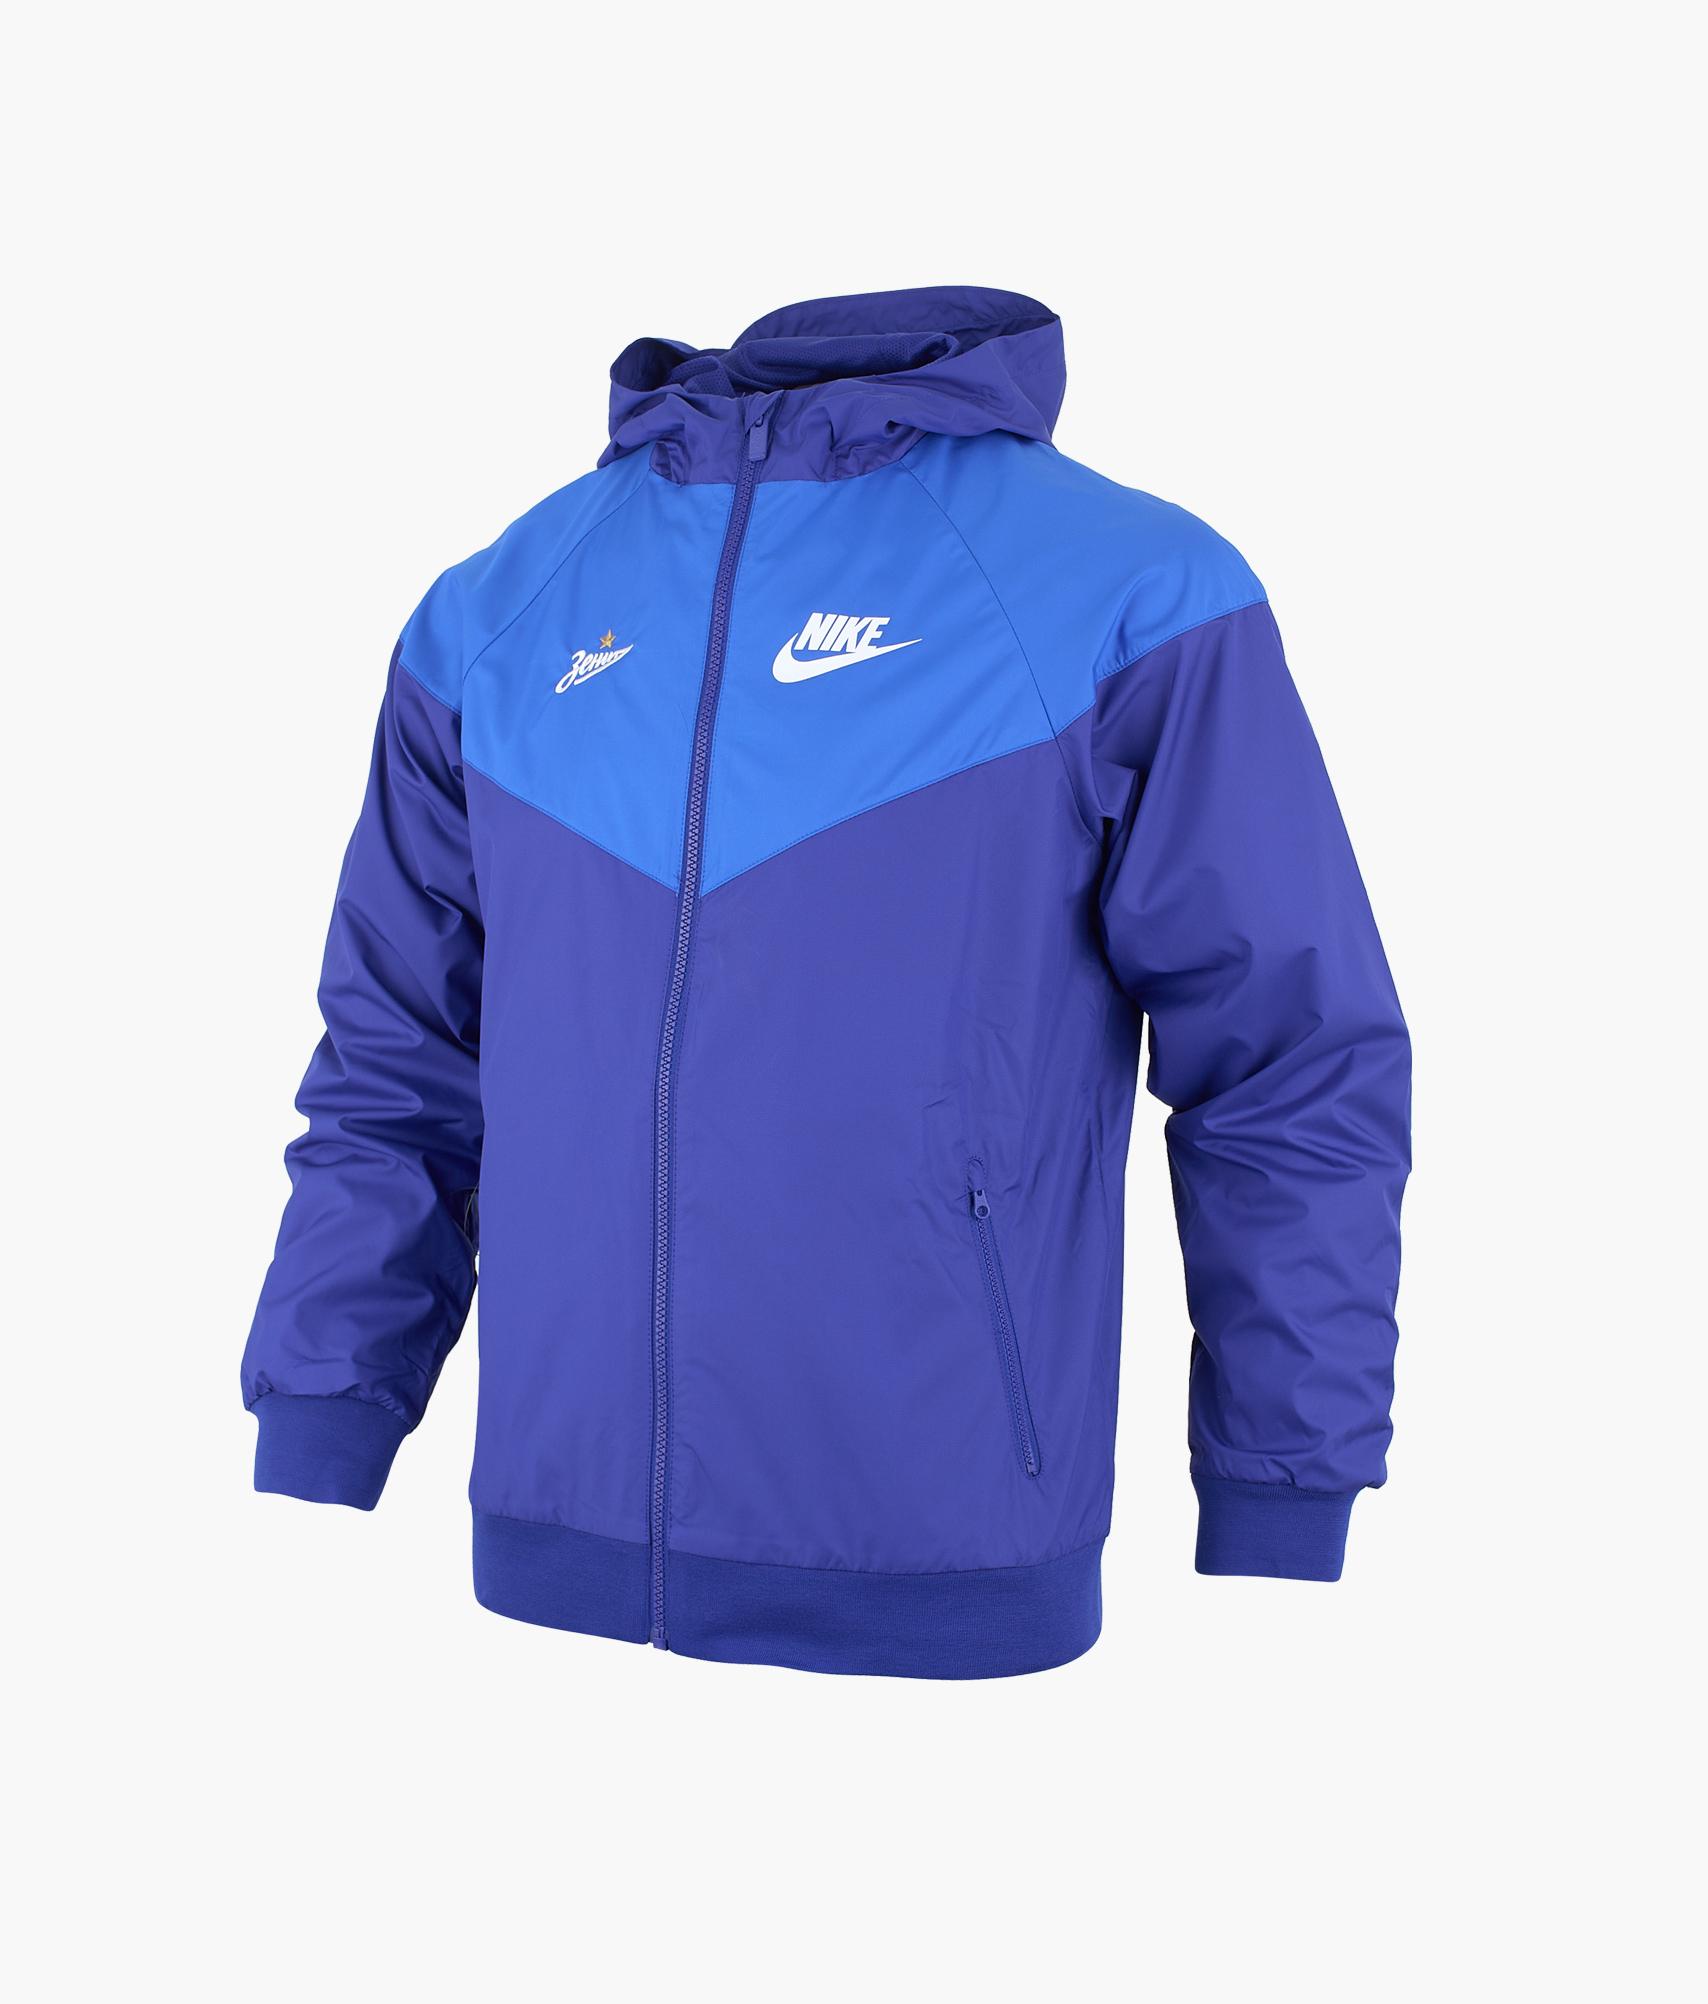 Ветровка подростковая Nike Nike Цвет-Синий ветровка nike nike ni464ewdnmc6